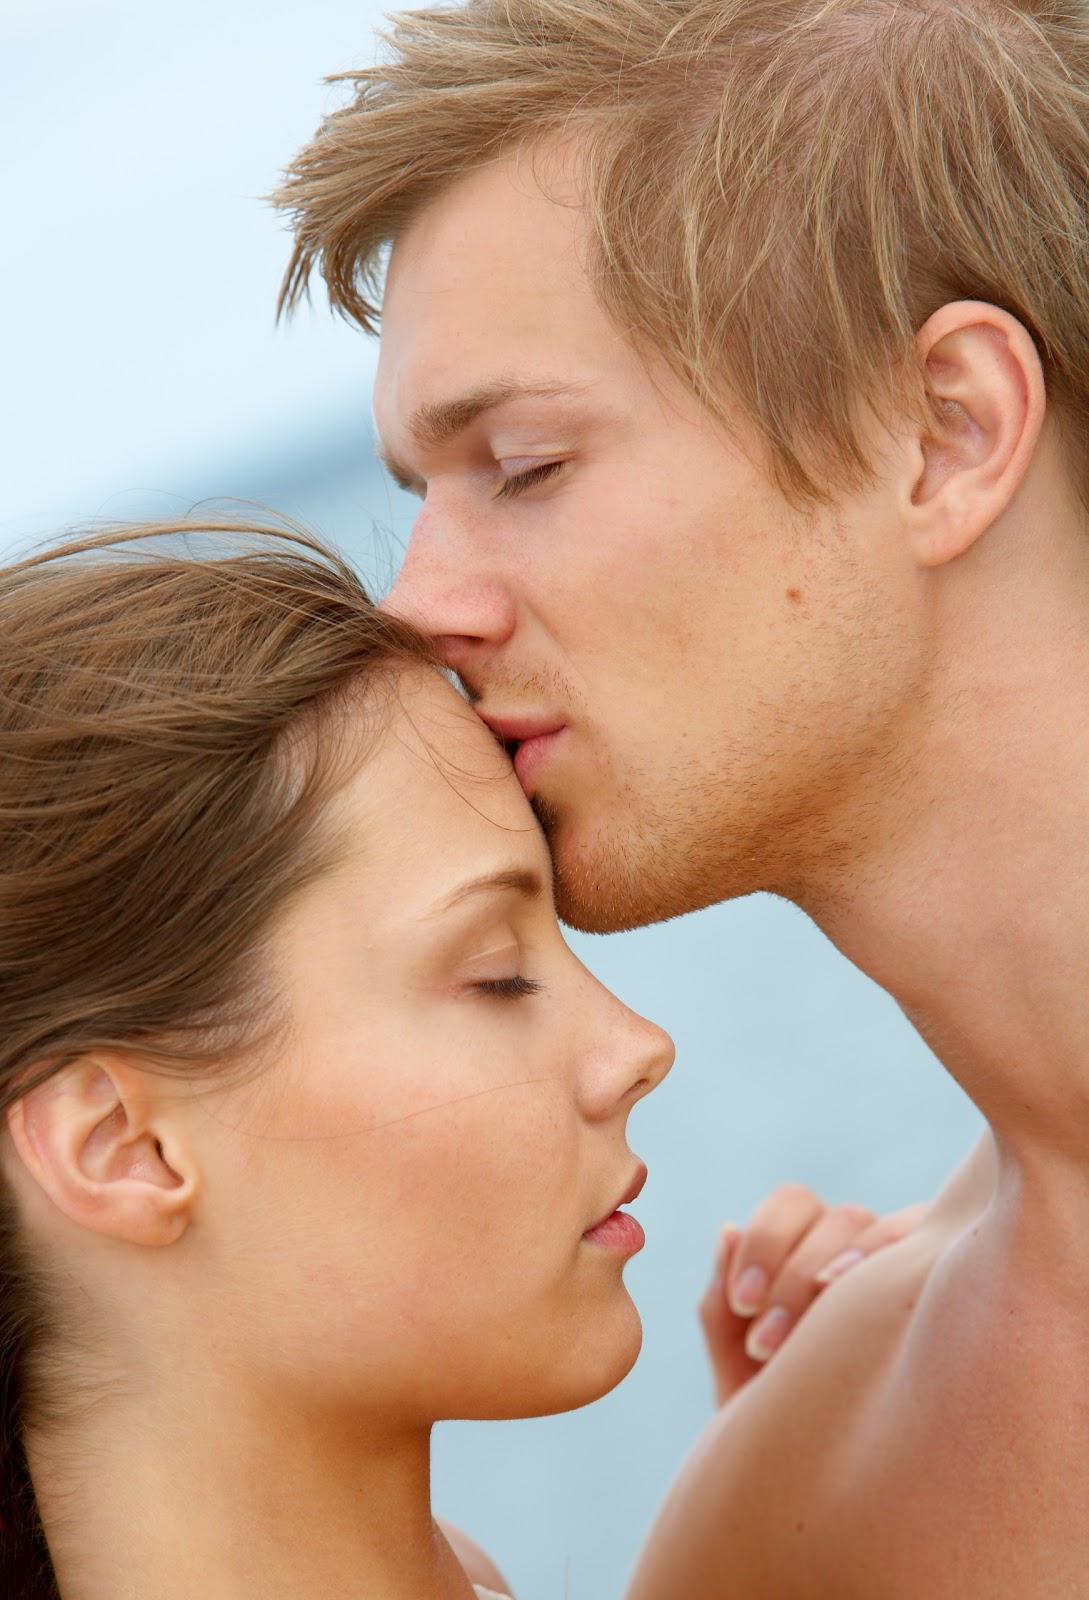 http://4.bp.blogspot.com/-fL2qvsmNyH0/UAJN3yE8nMI/AAAAAAAAA0Y/wSh1-b7GhYo/s1600/bigstockphoto_A_Young_Couple_Kissing_699104.jpg